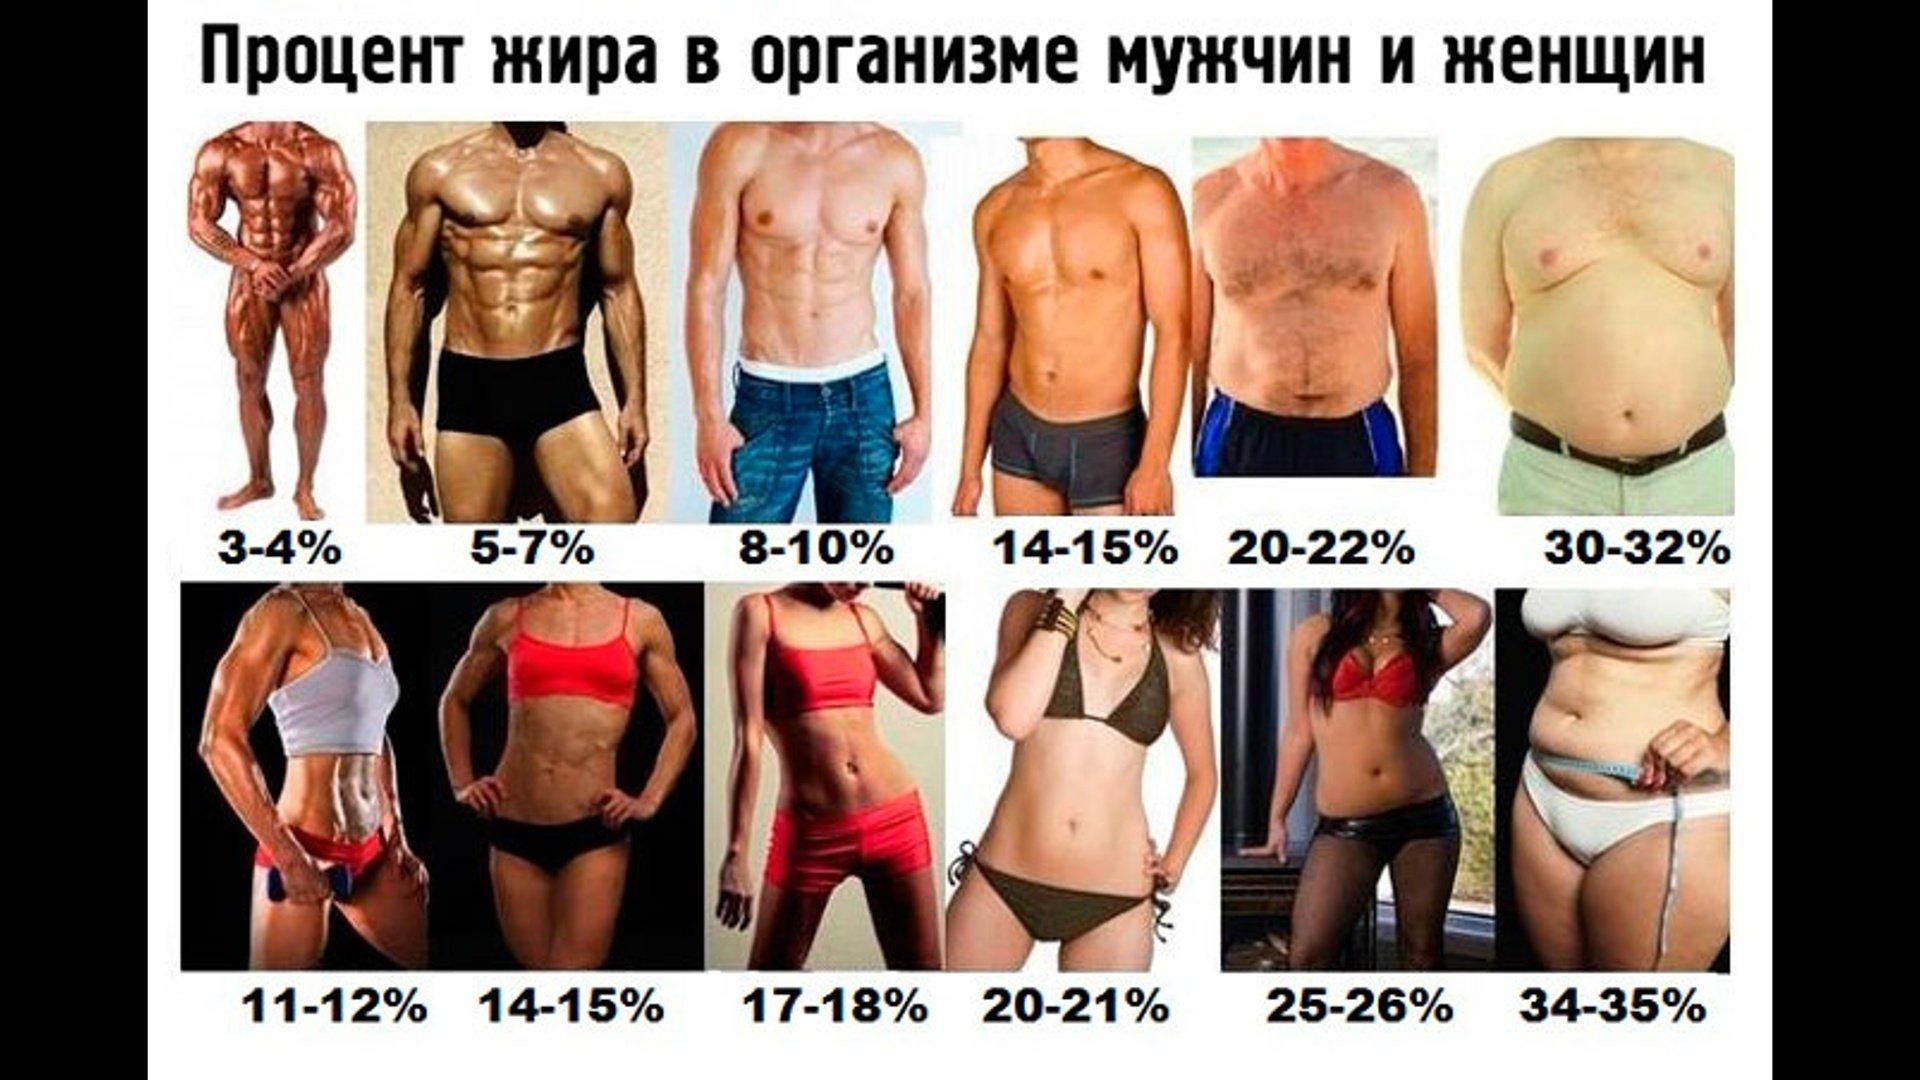 Какой нормальный процент жира в организме для здоровья?